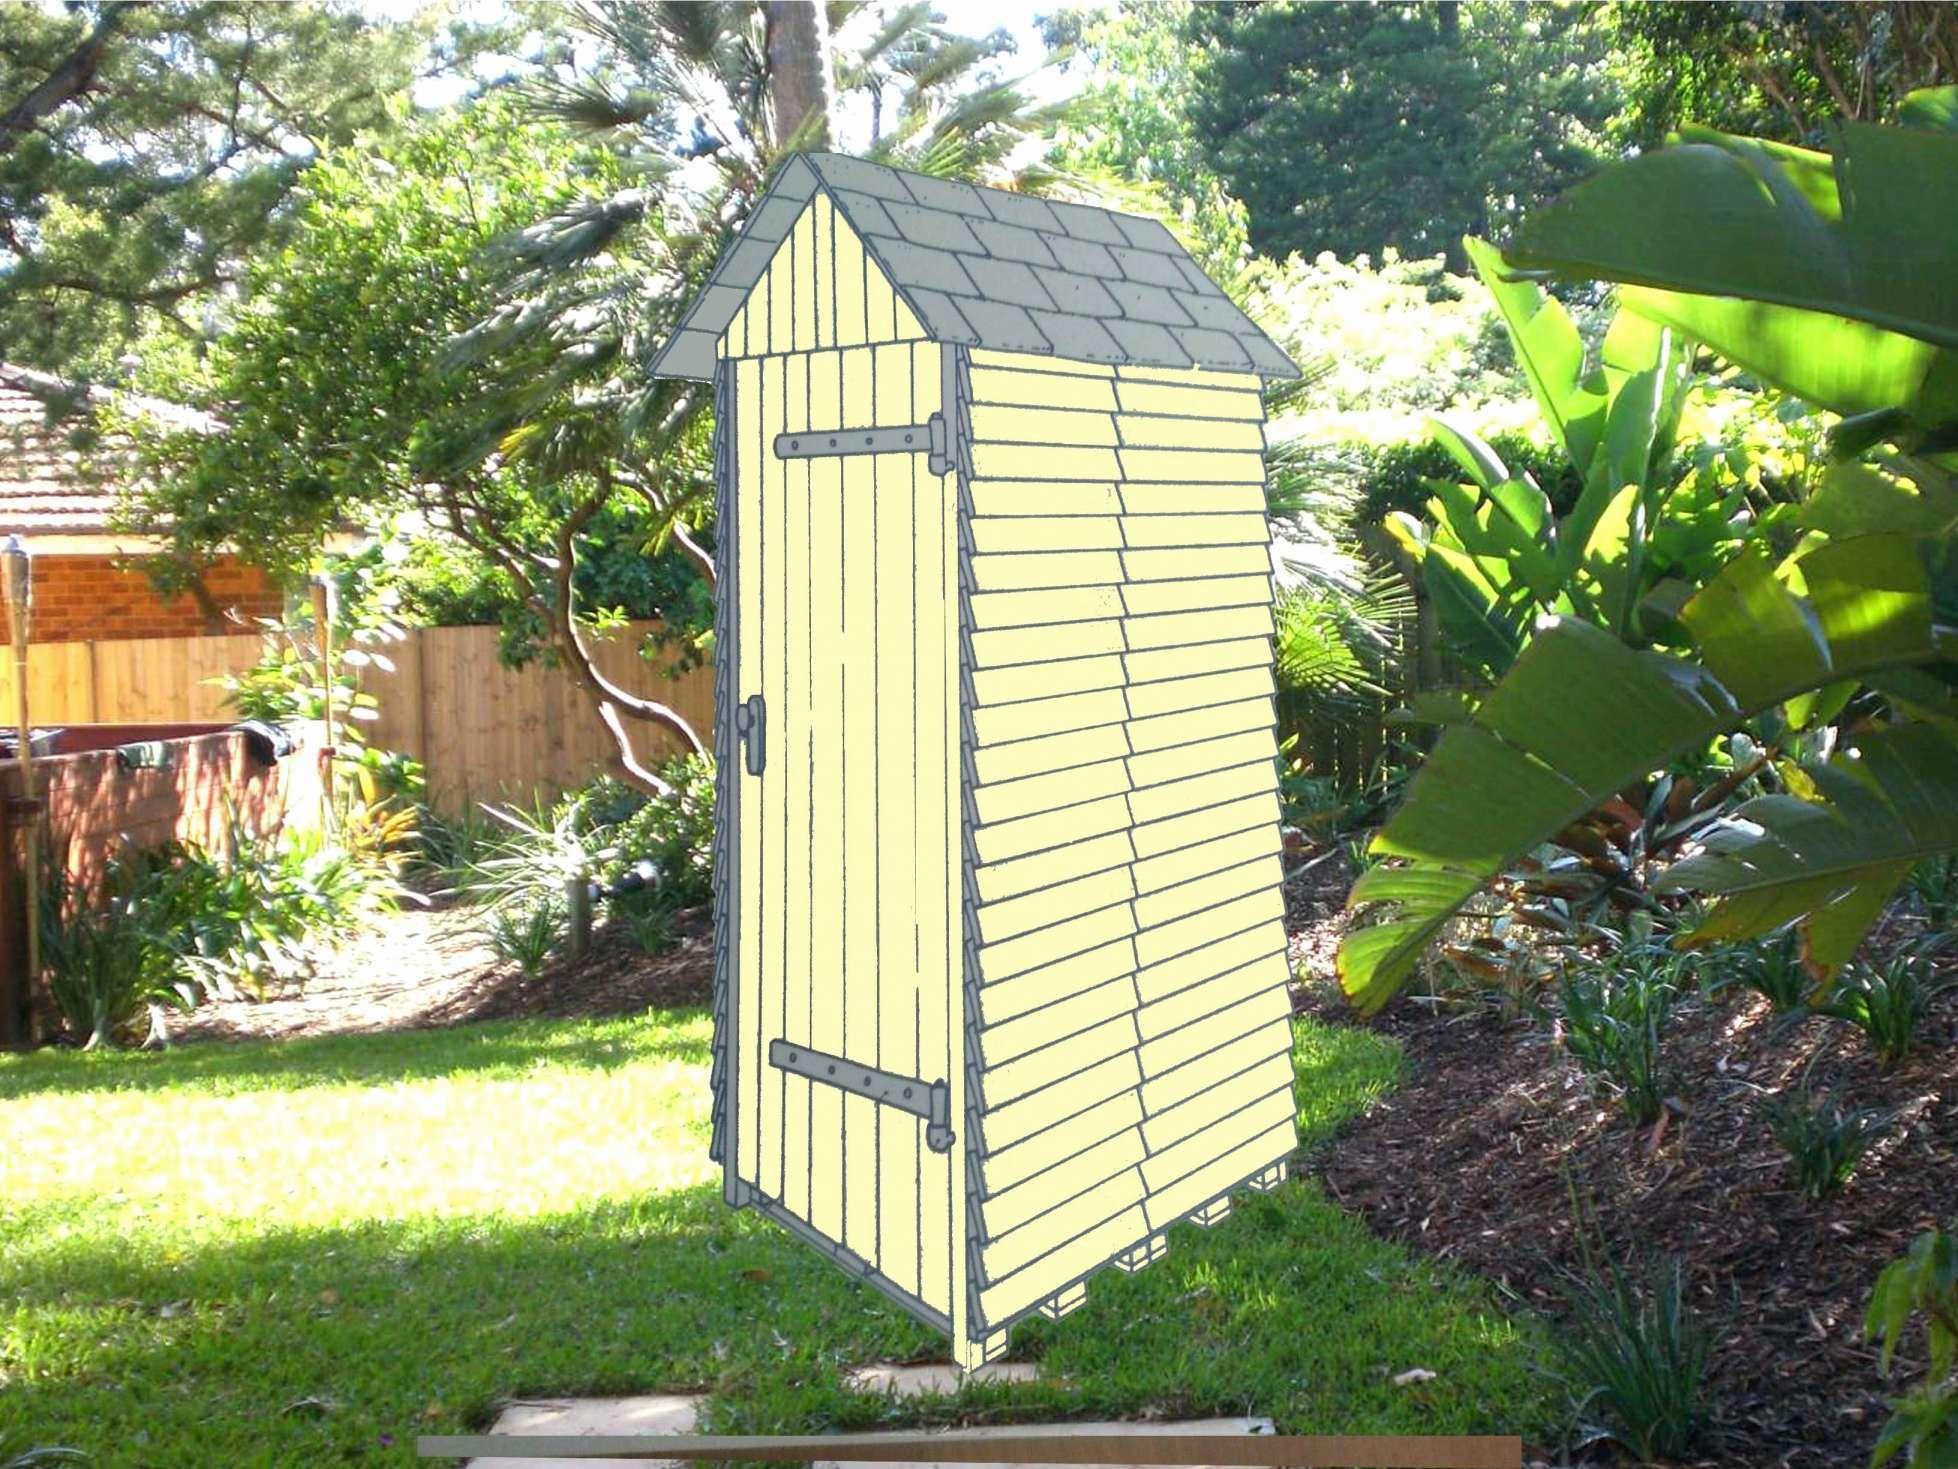 17 Construire Un Cache Poubelle Designs De Chambre Designs De Salle A Manger Designs De Salle De Bain Designs De En 2020 Abri De Jardin Jardins En Bois Abri Bois